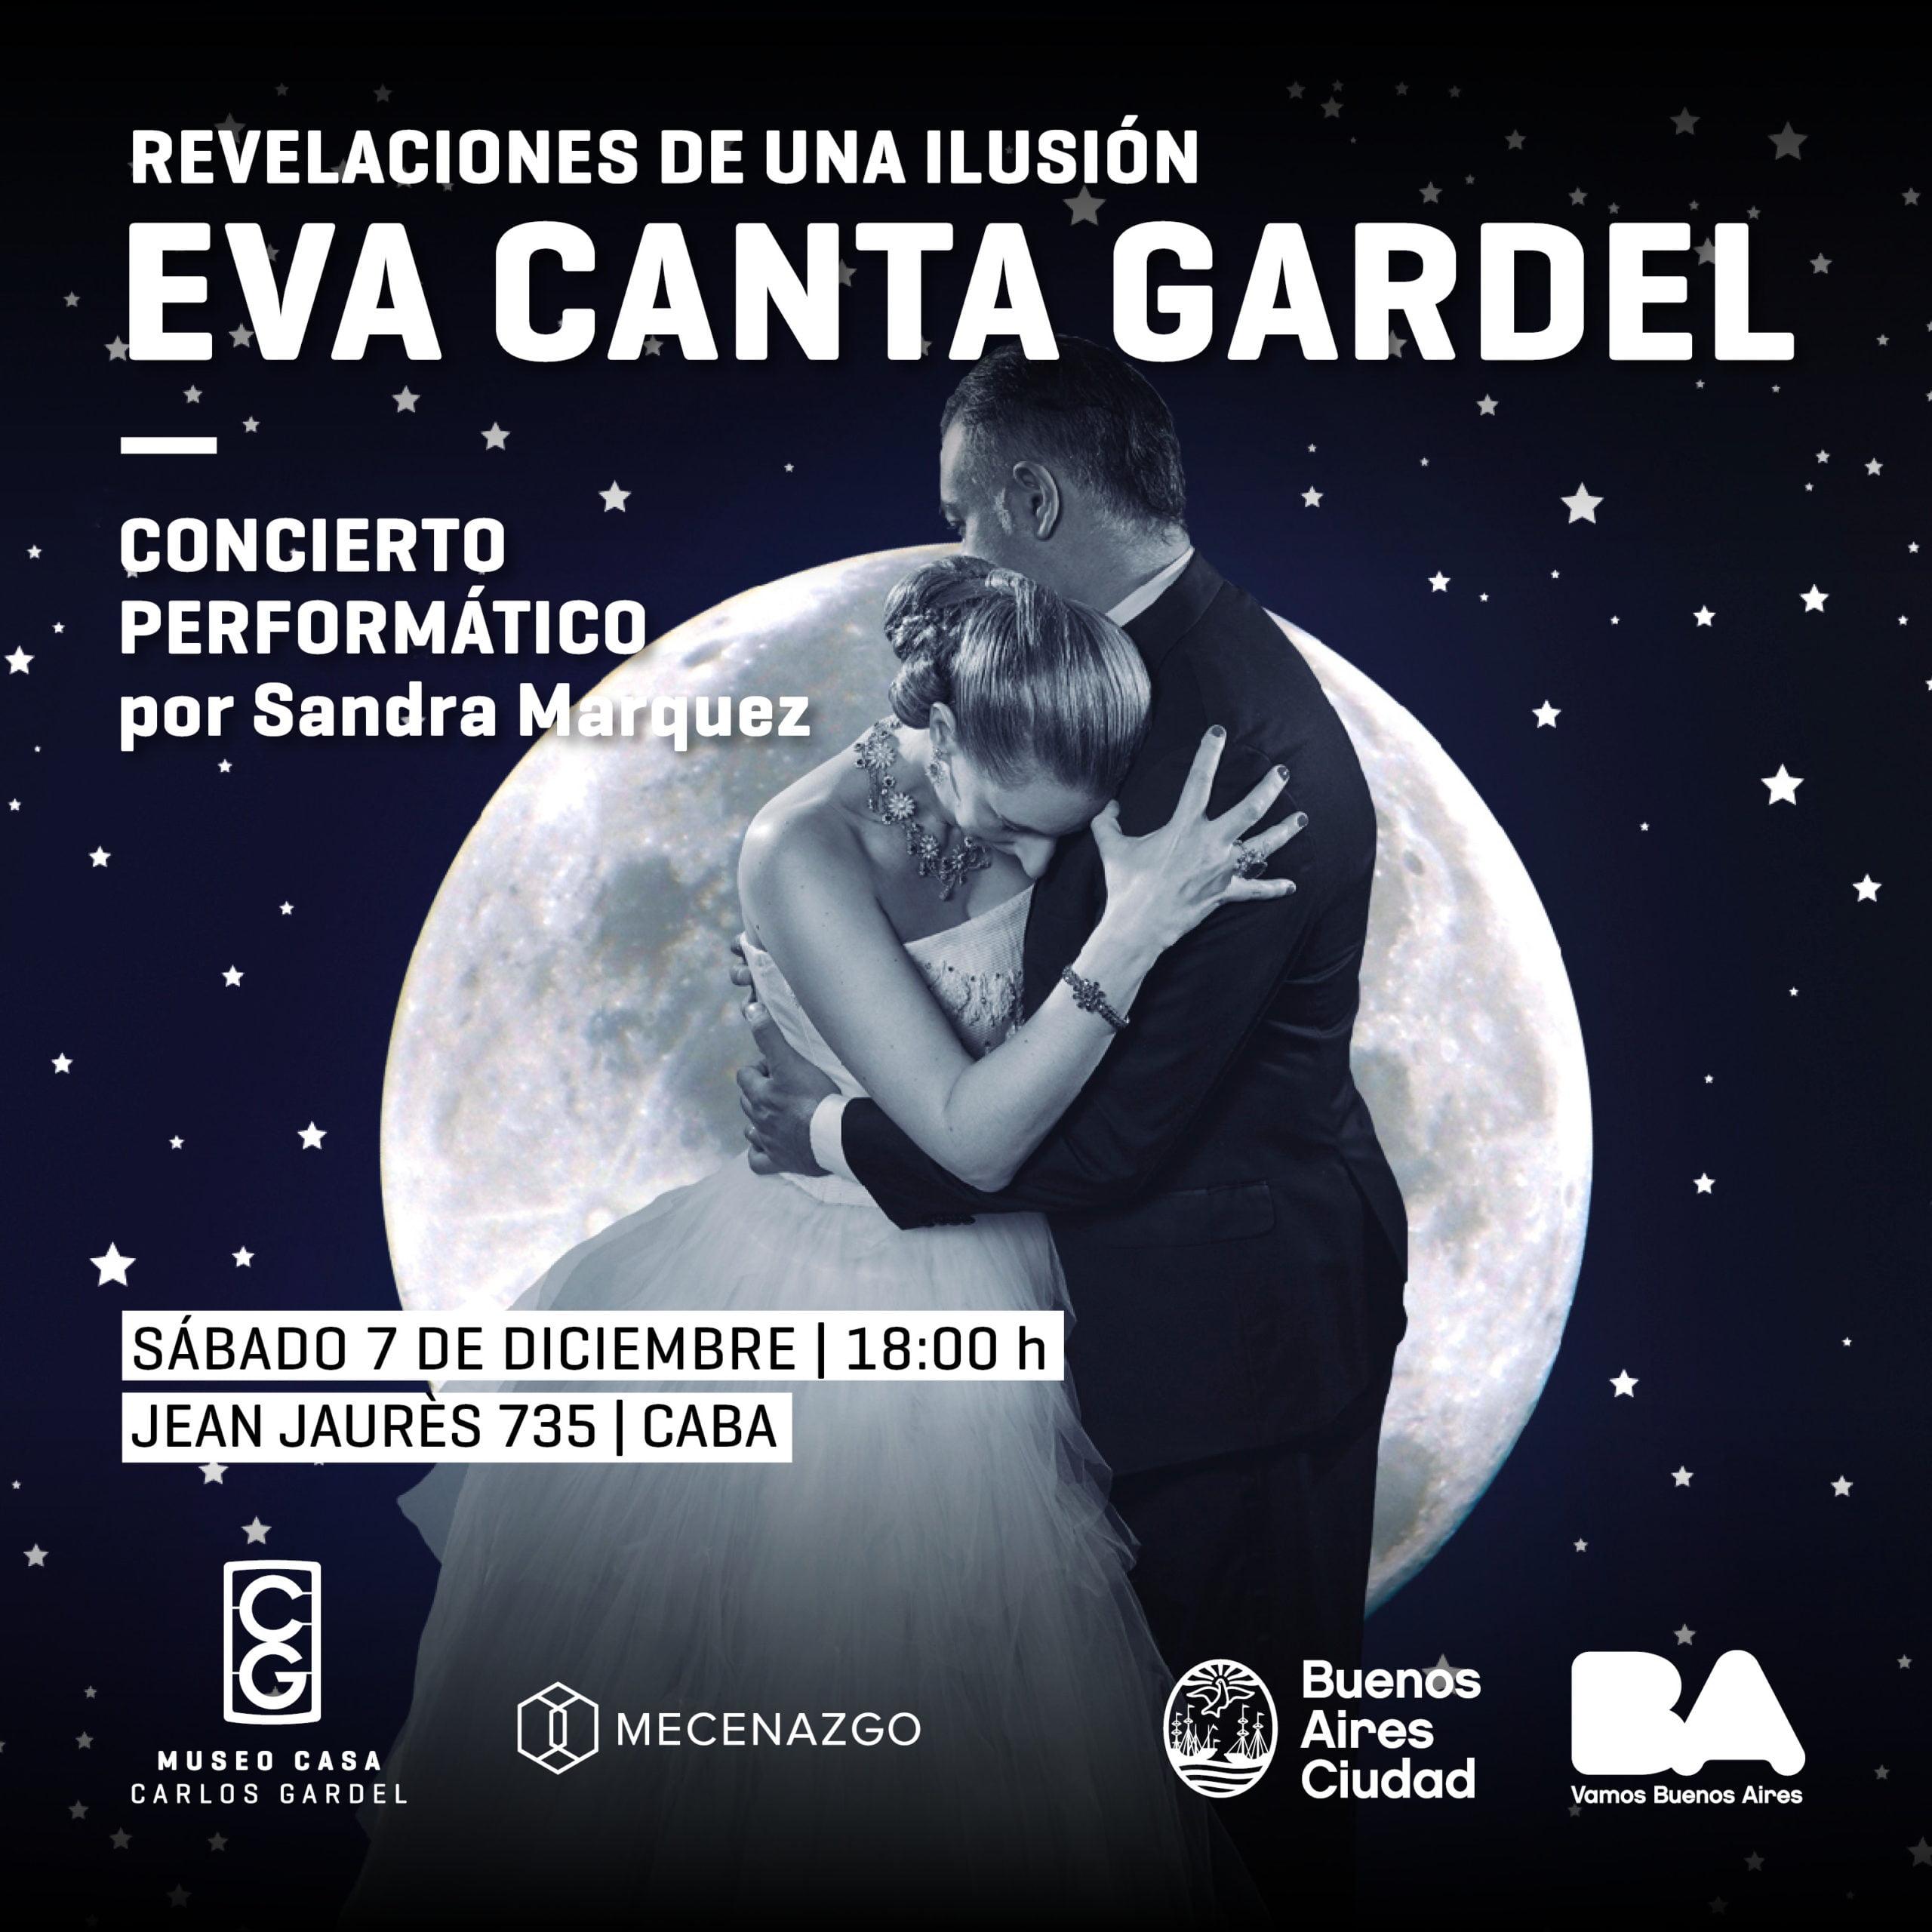 Eva le canta a Gardel: un encuentro imaginario con música en vivo